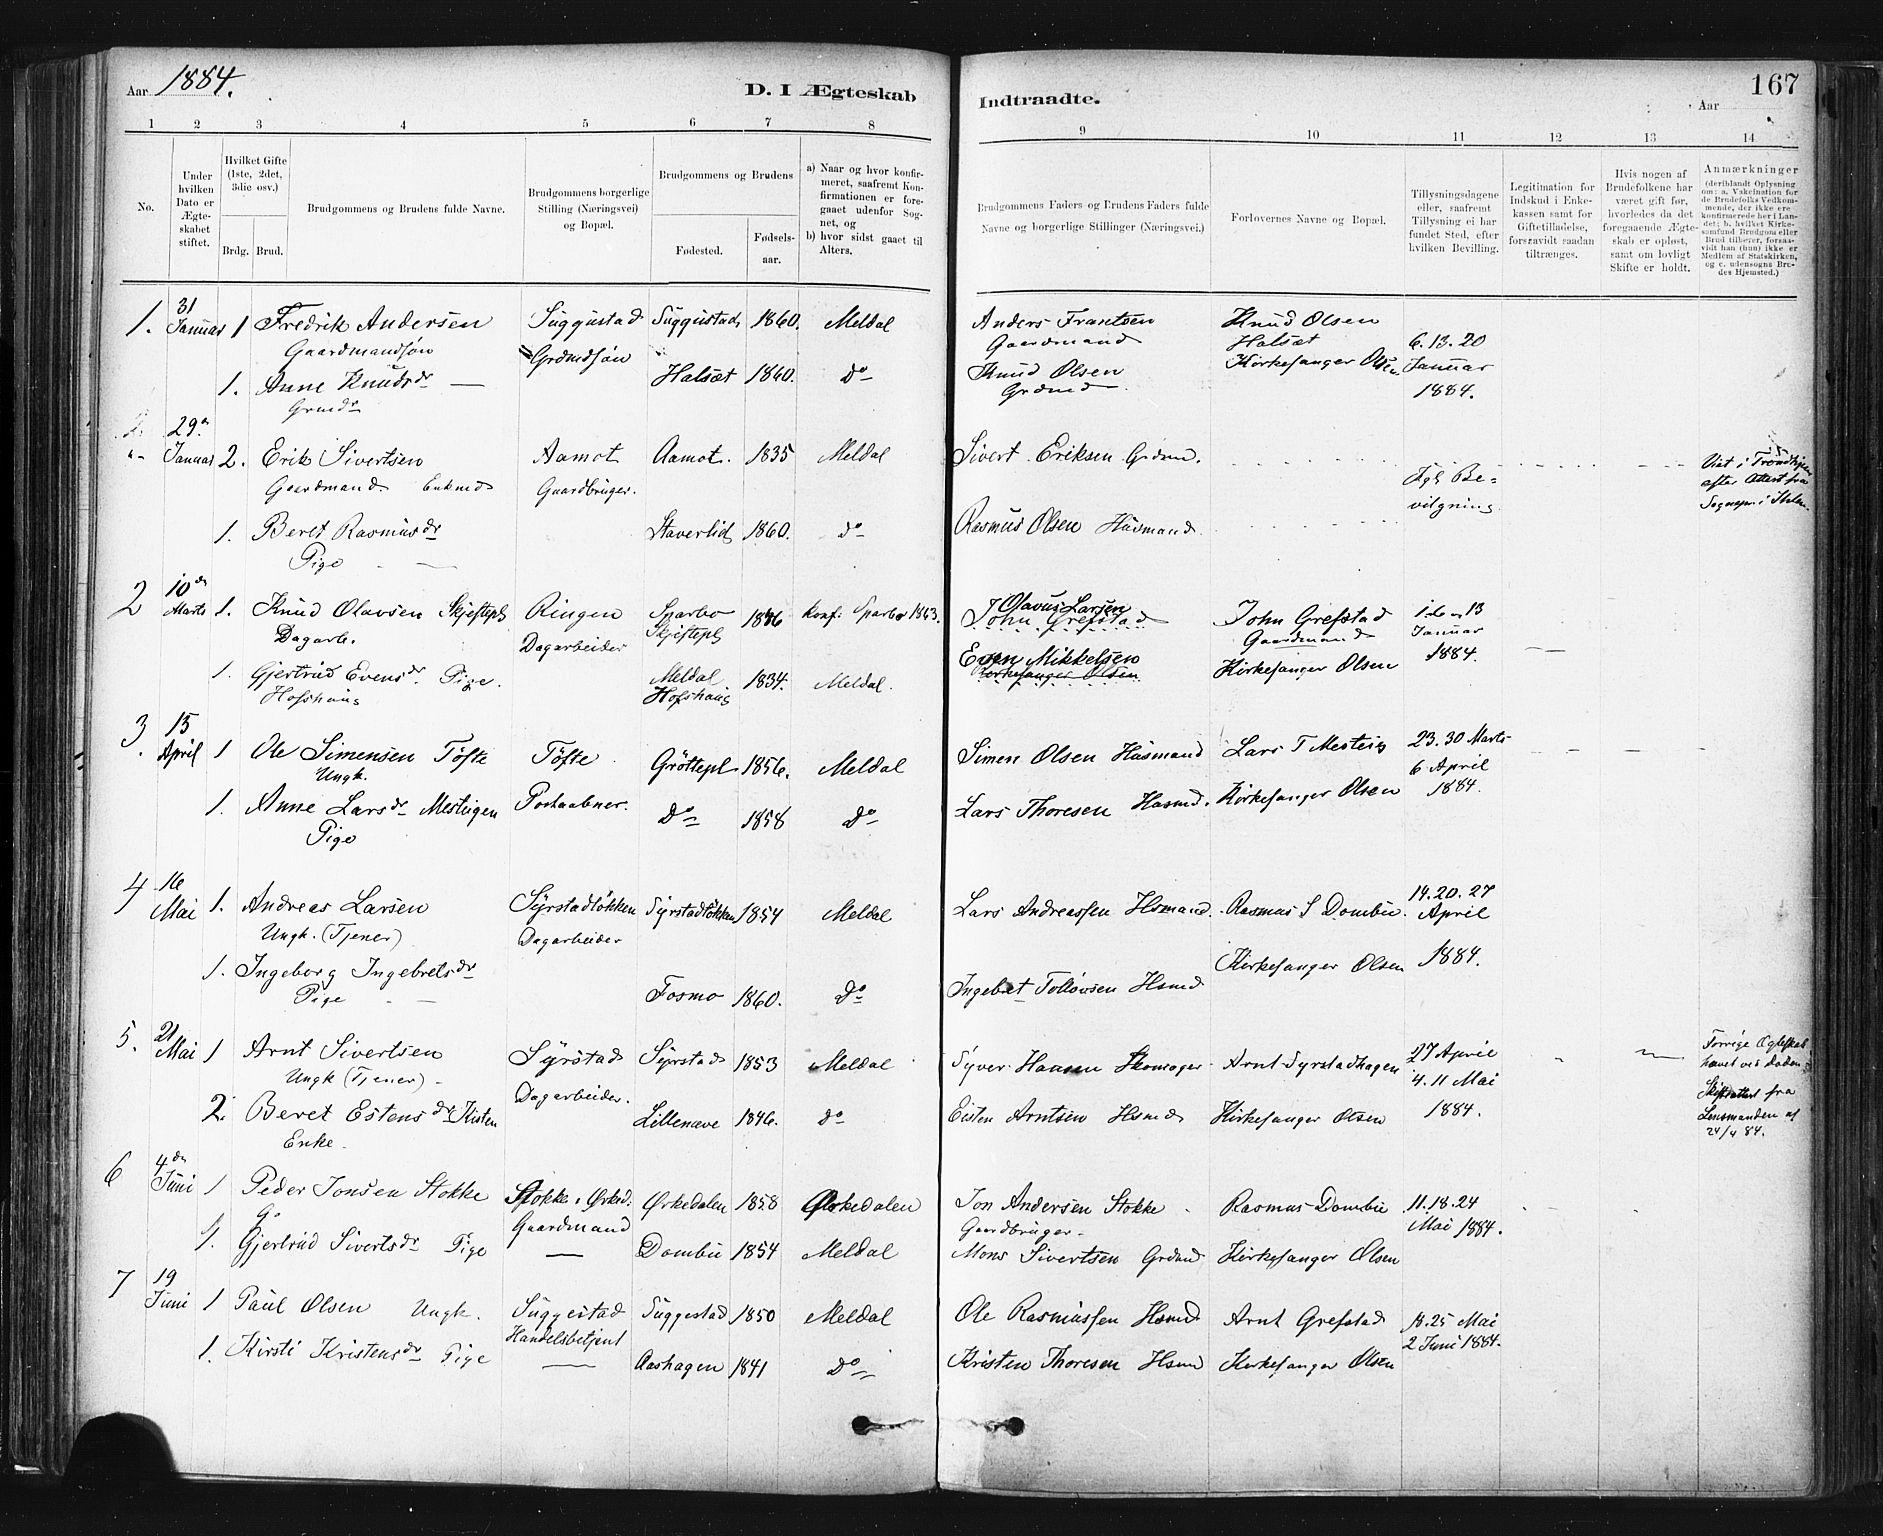 SAT, Ministerialprotokoller, klokkerbøker og fødselsregistre - Sør-Trøndelag, 672/L0857: Ministerialbok nr. 672A09, 1882-1893, s. 167